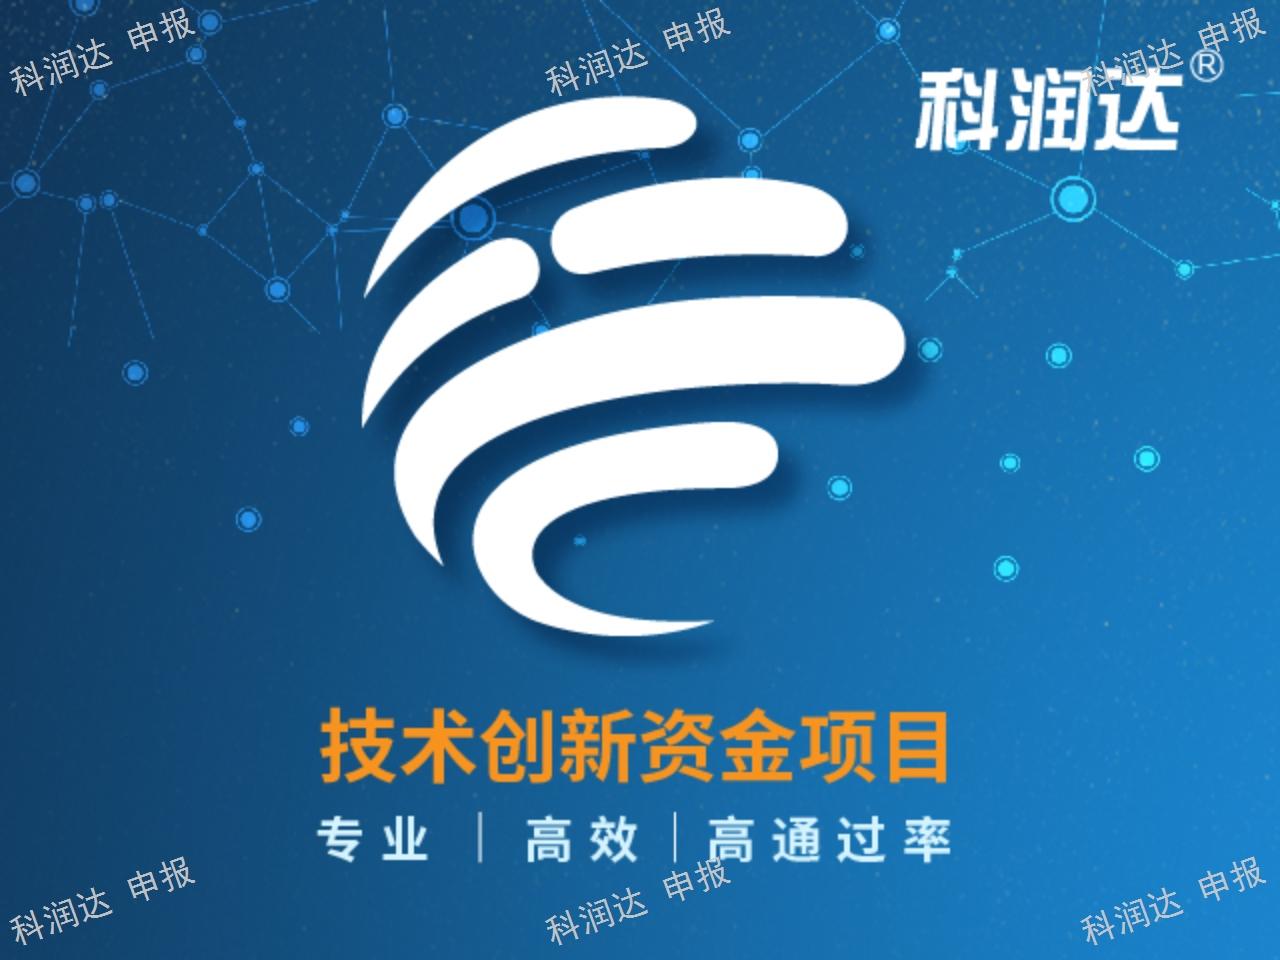 静安区如何申报技术创新项目 创新服务 上海科润达供应